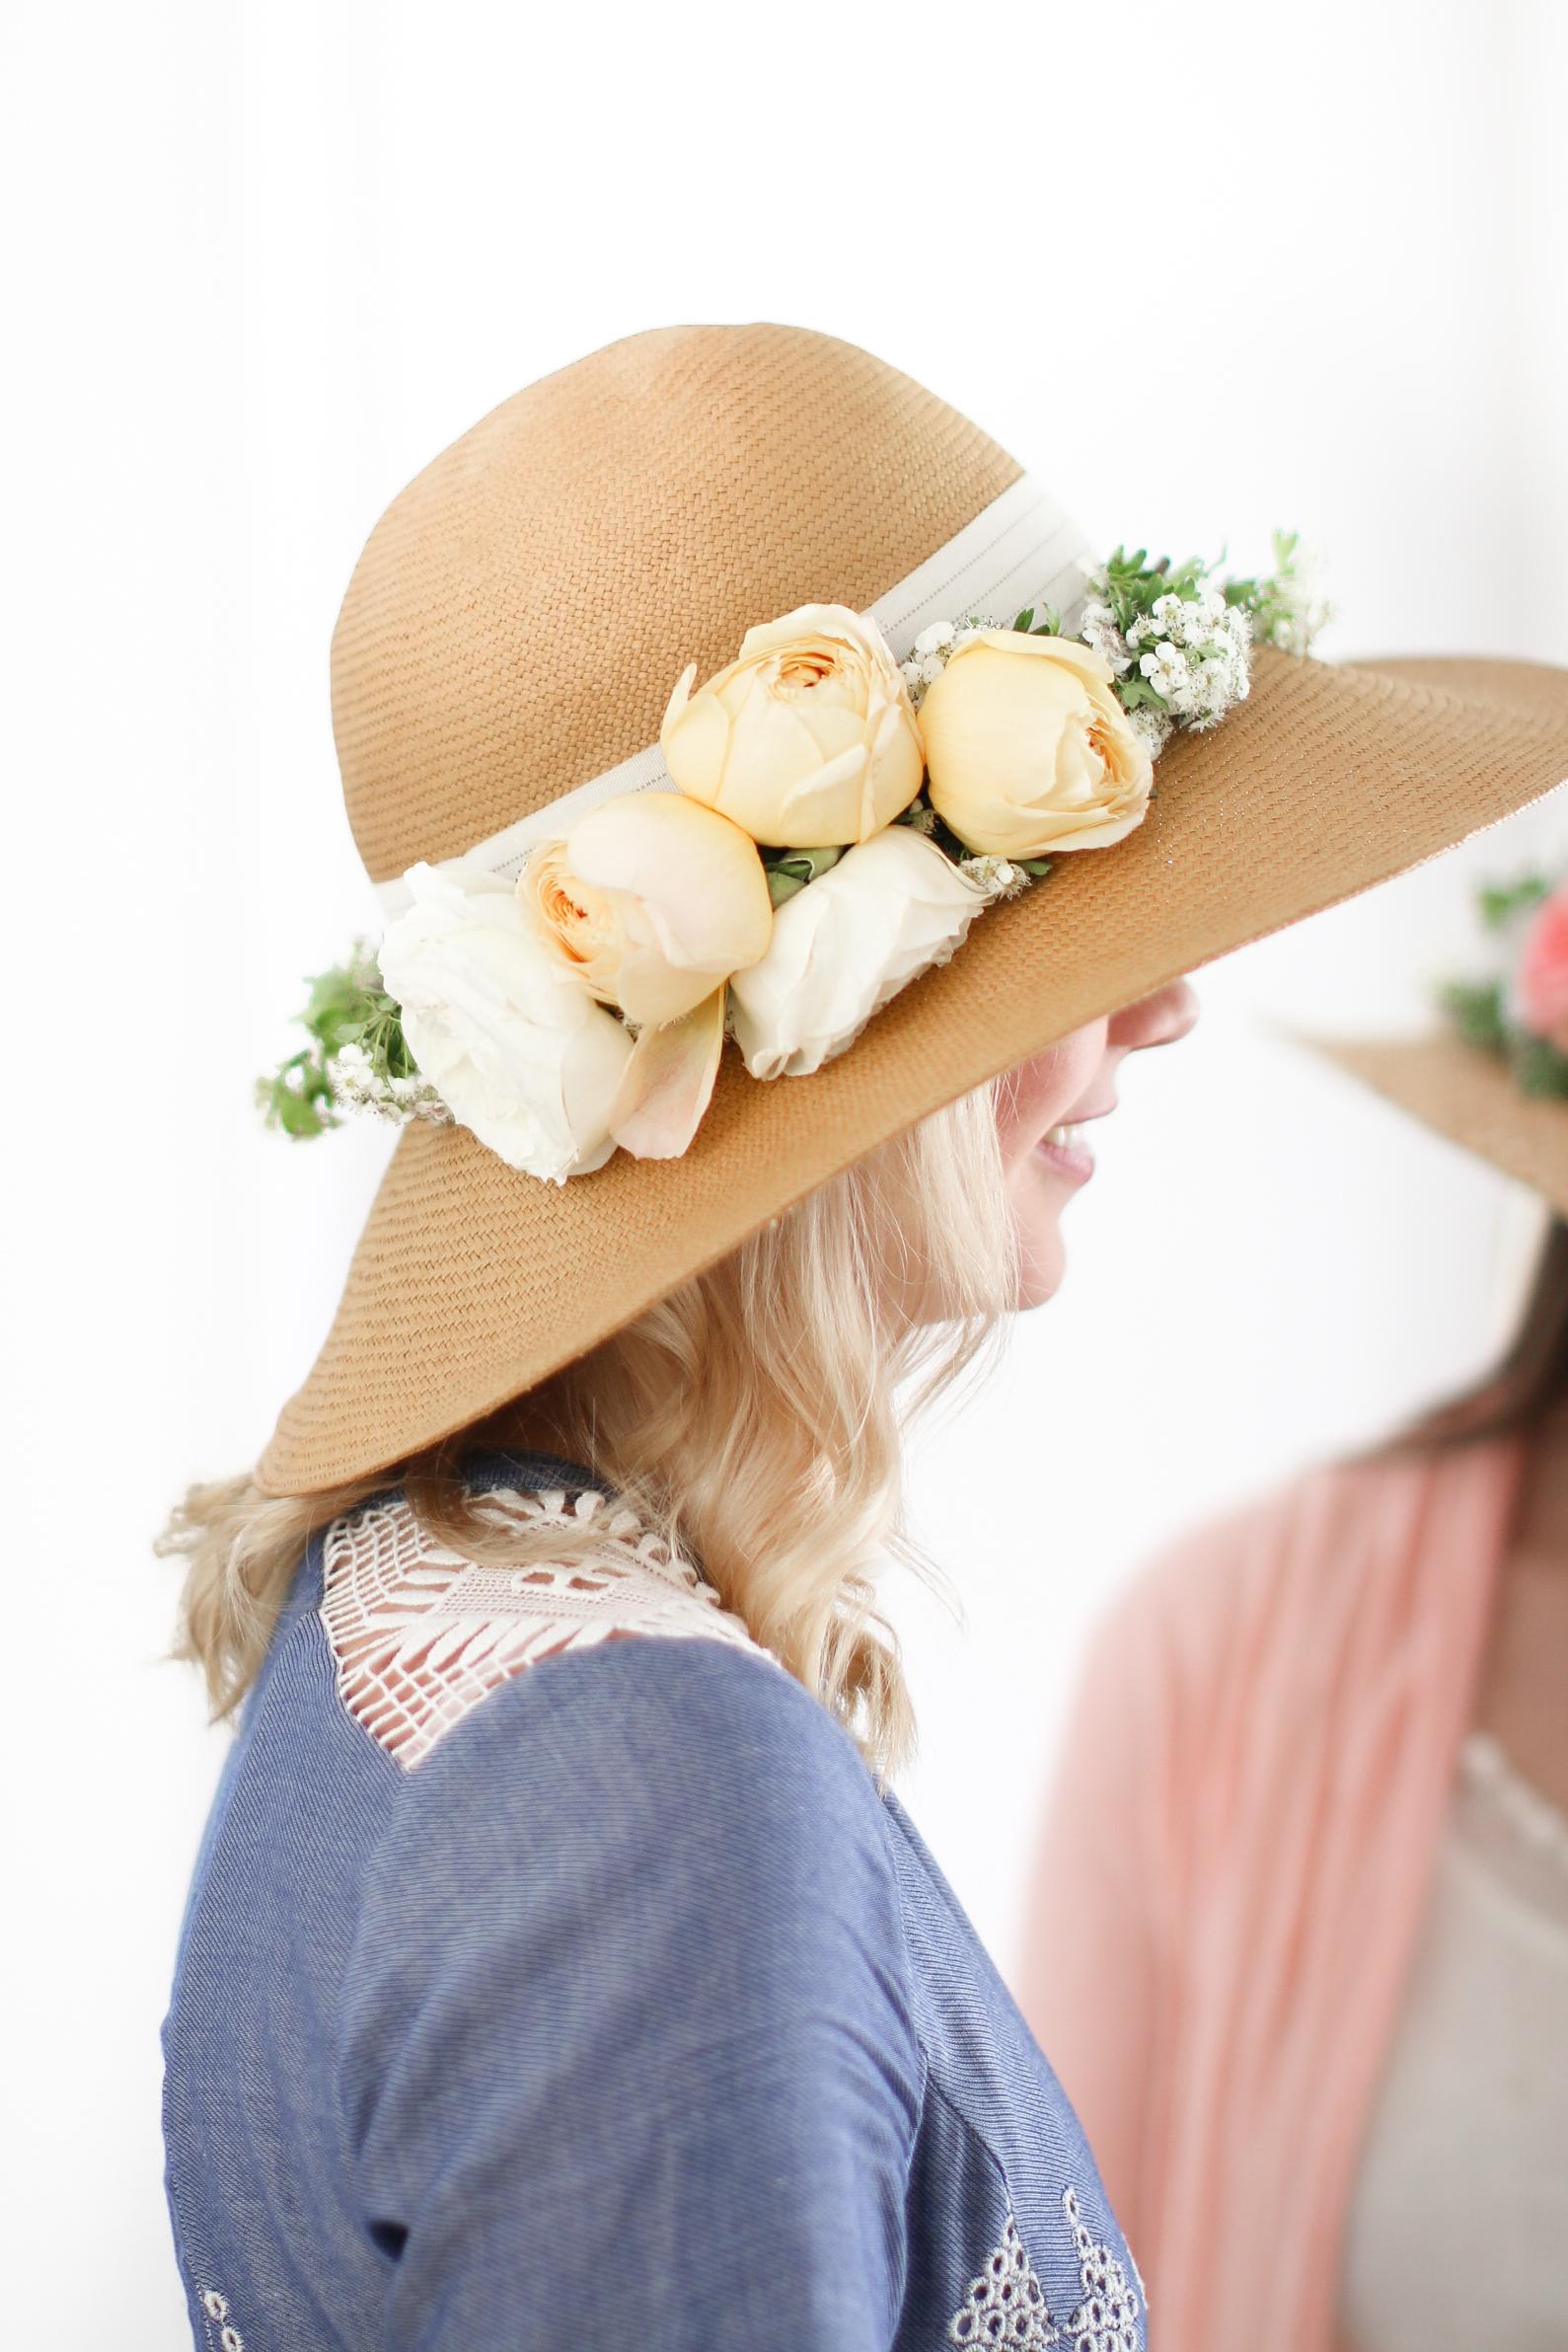 DIY Foral Hat Mother's Day DIY